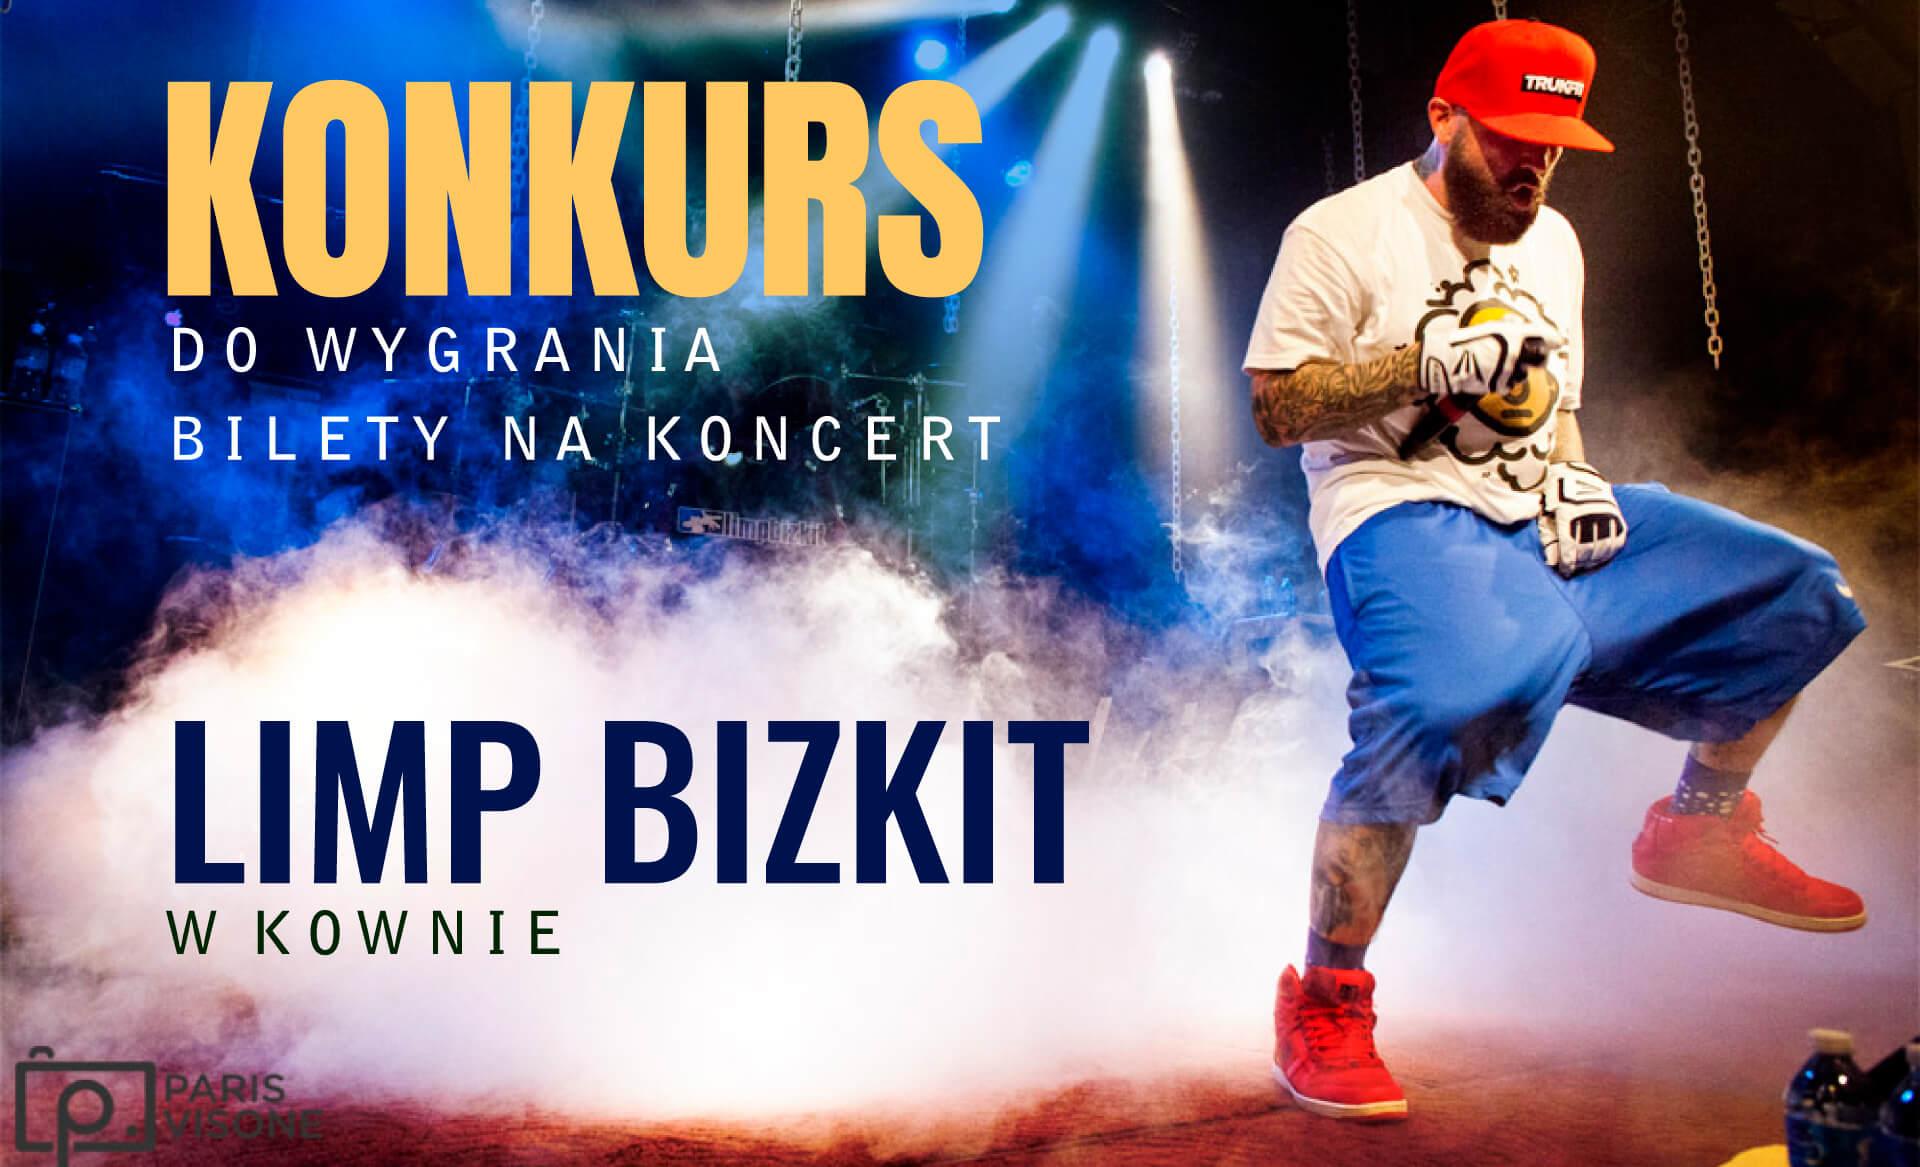 Bilety na koncert Limp Bizkit w Kownie!